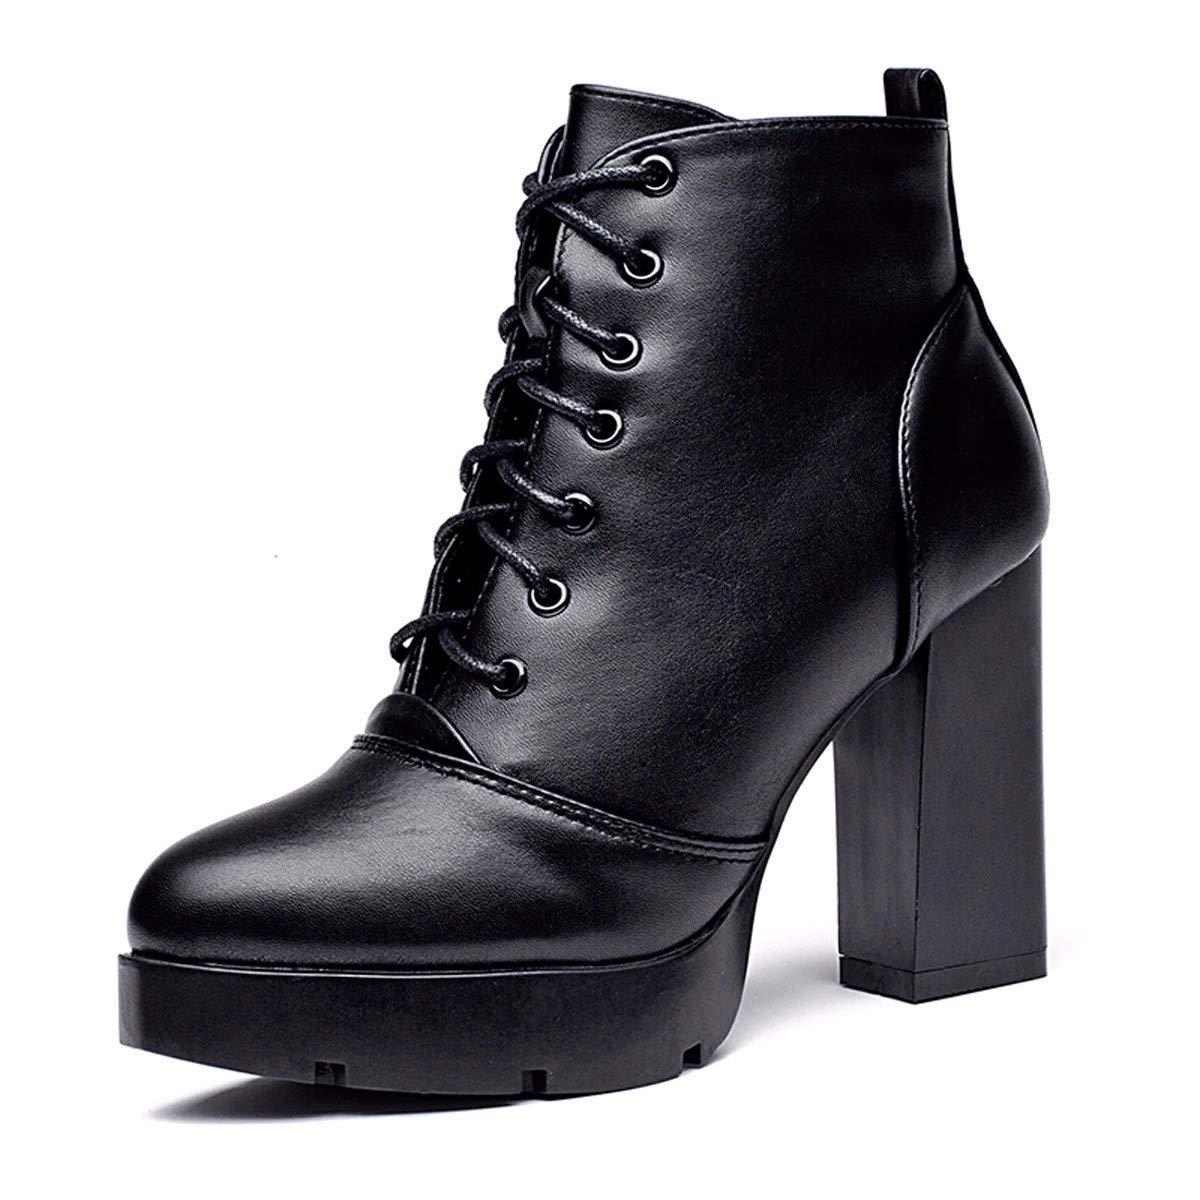 HBDLH Damenschuhe Kurze Stiefel Damen In Herbst und Winter Grob Hacken Hochhackige Schuhe Martin Stiefel Samt Stiefeletten Eckige Schuhe 10Cm